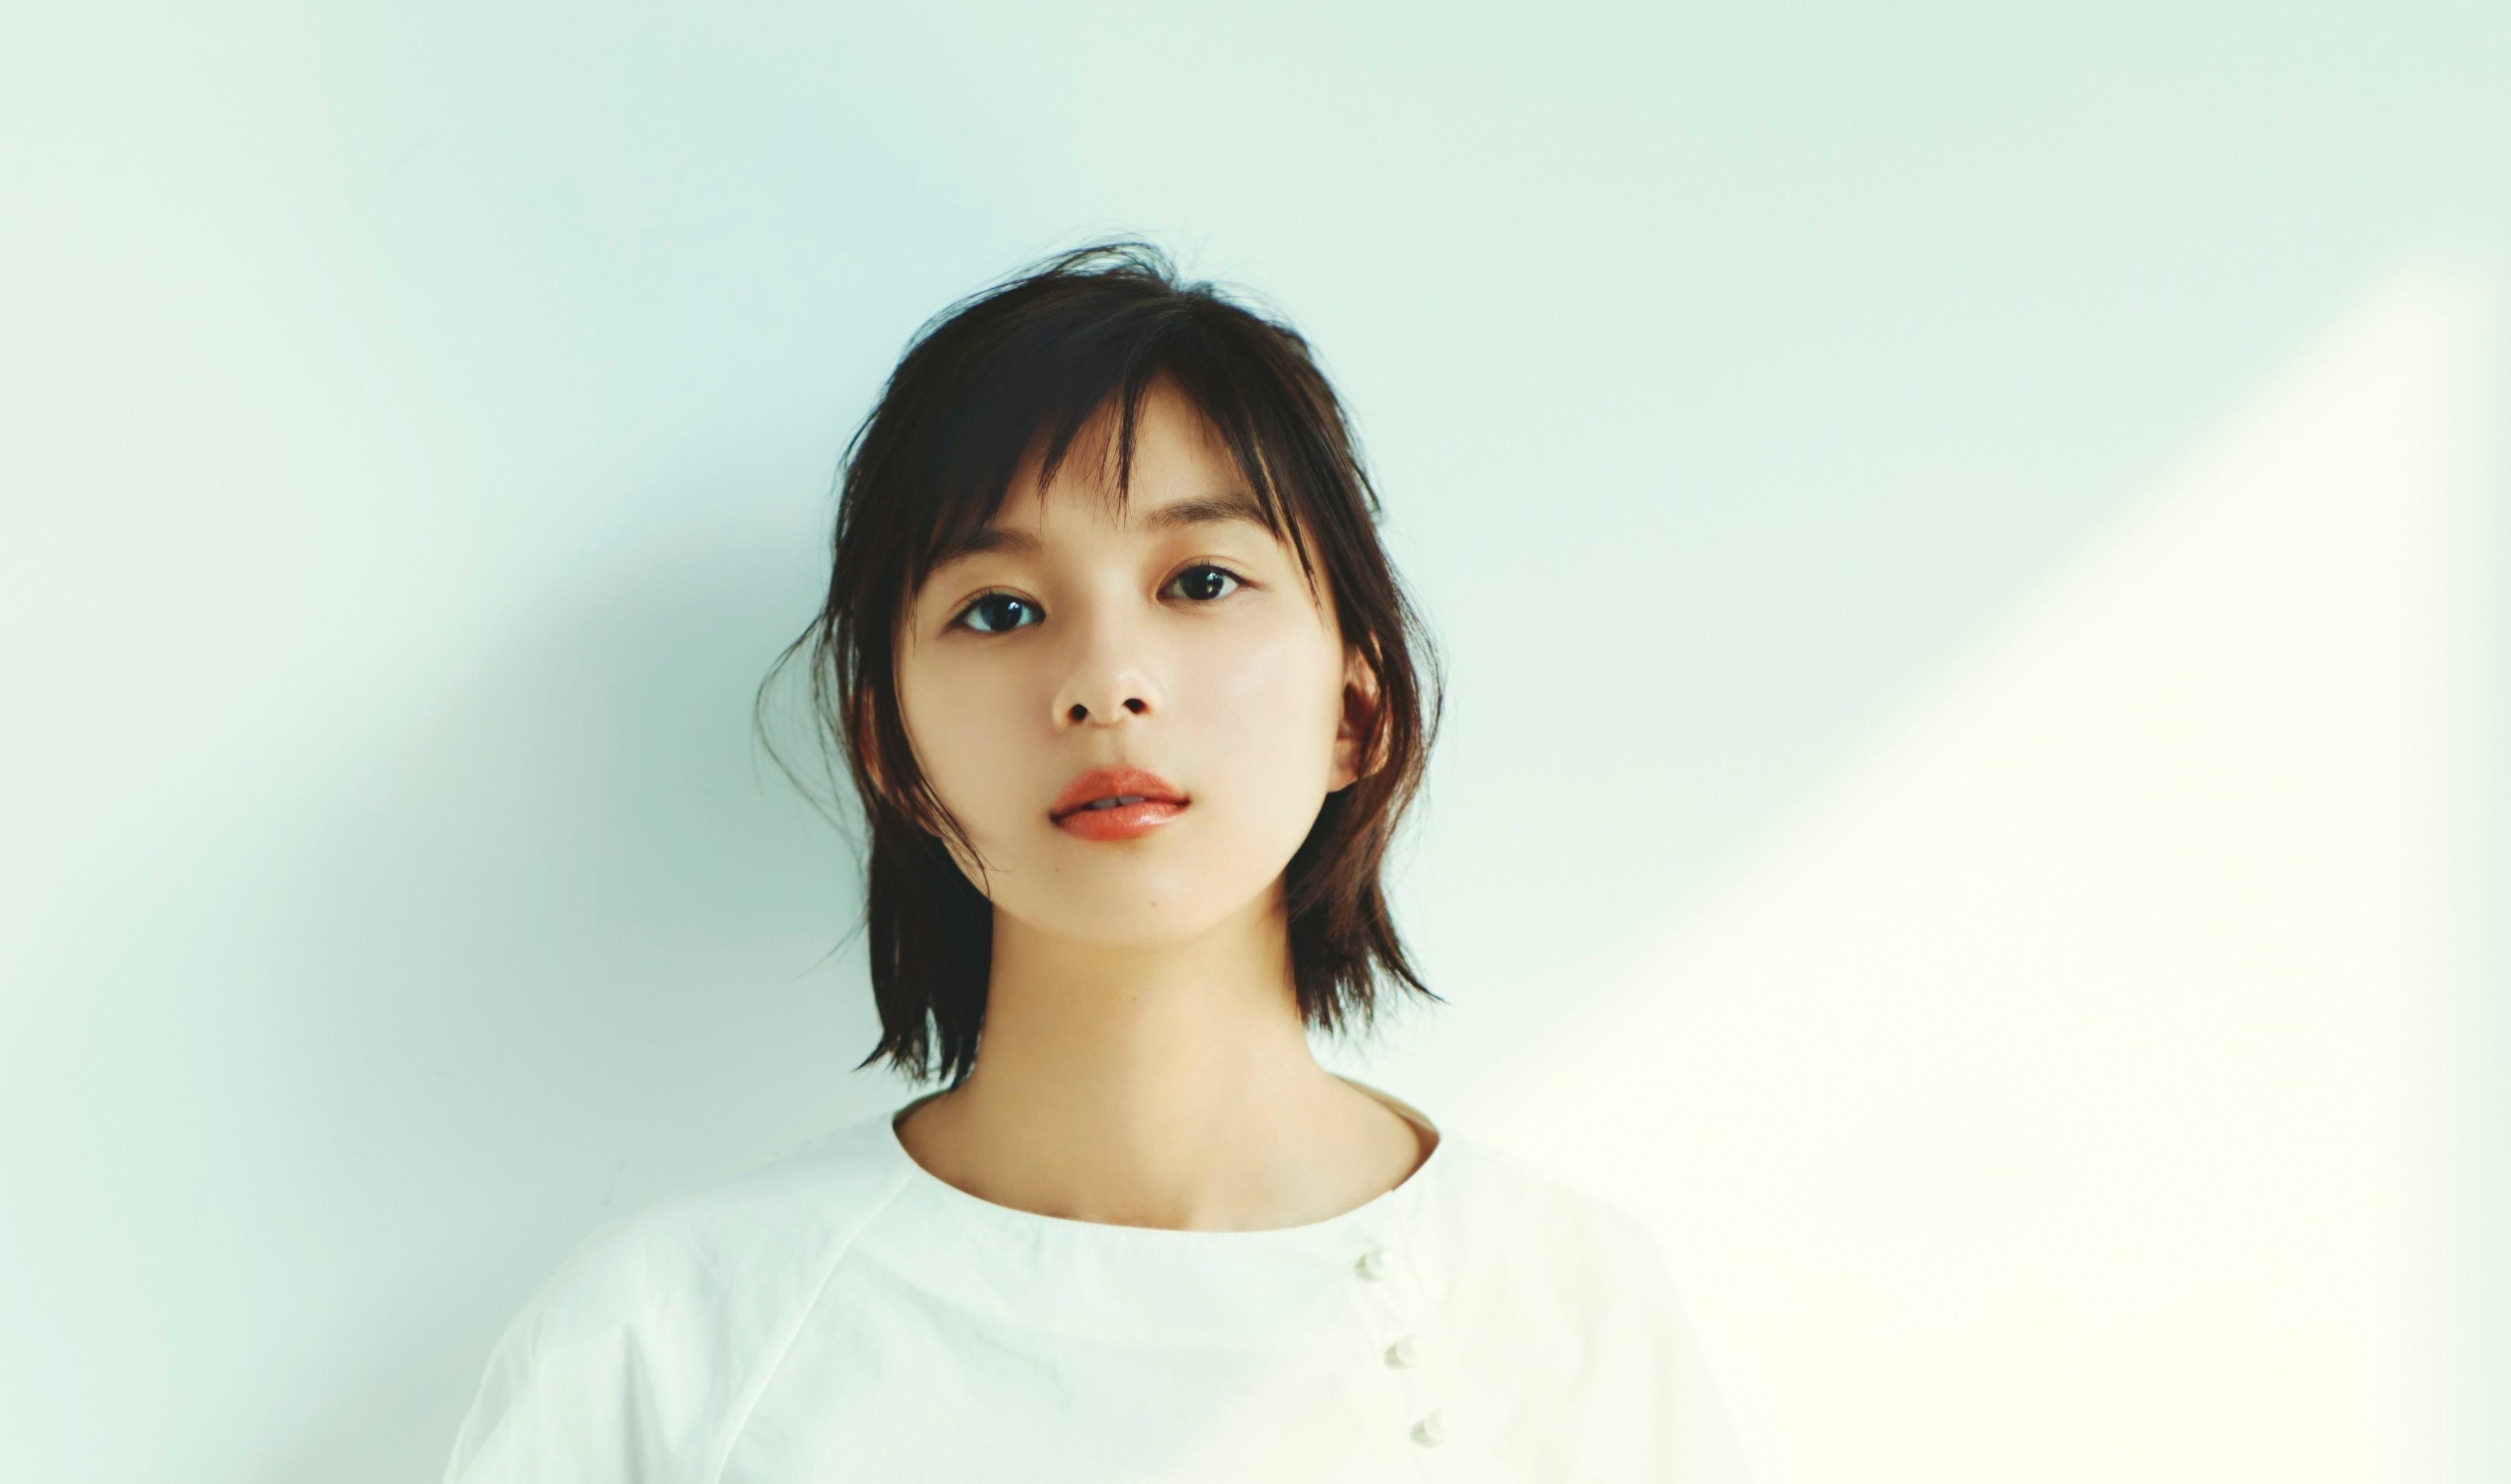 芳根京子のまばたき動画が可愛い!インスタグラムの画像や出身高校を調査!